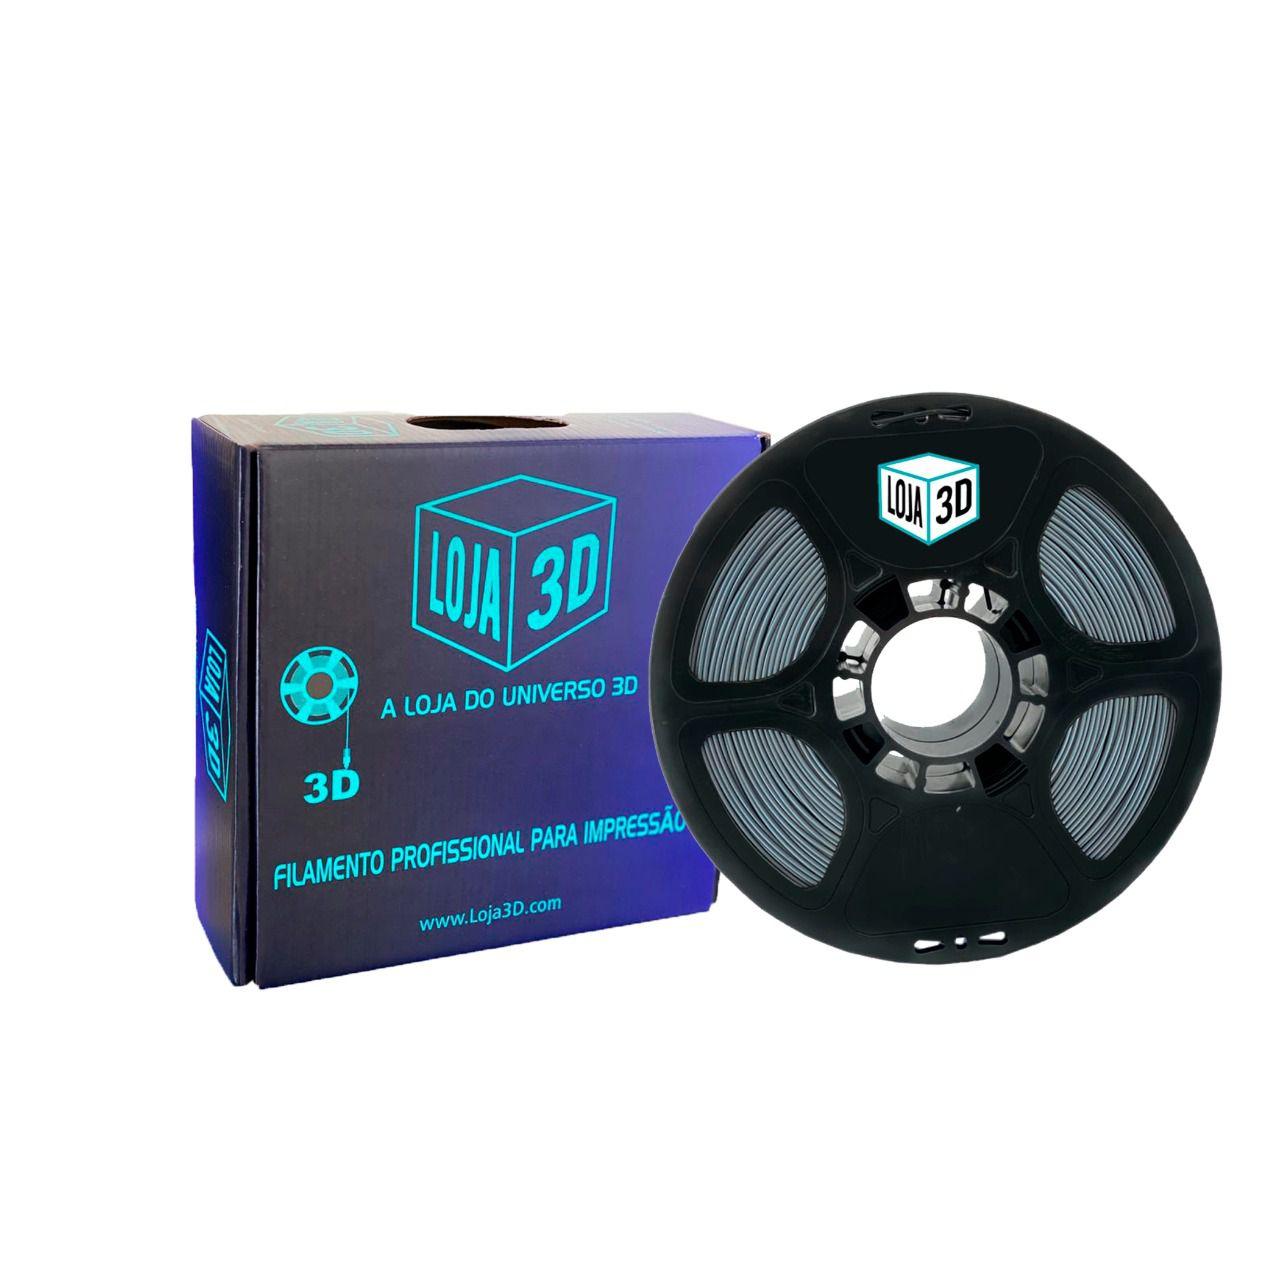 Filamento ABS Pro - LG - Cinza - Loja 3D - 1.75mm - 1kg